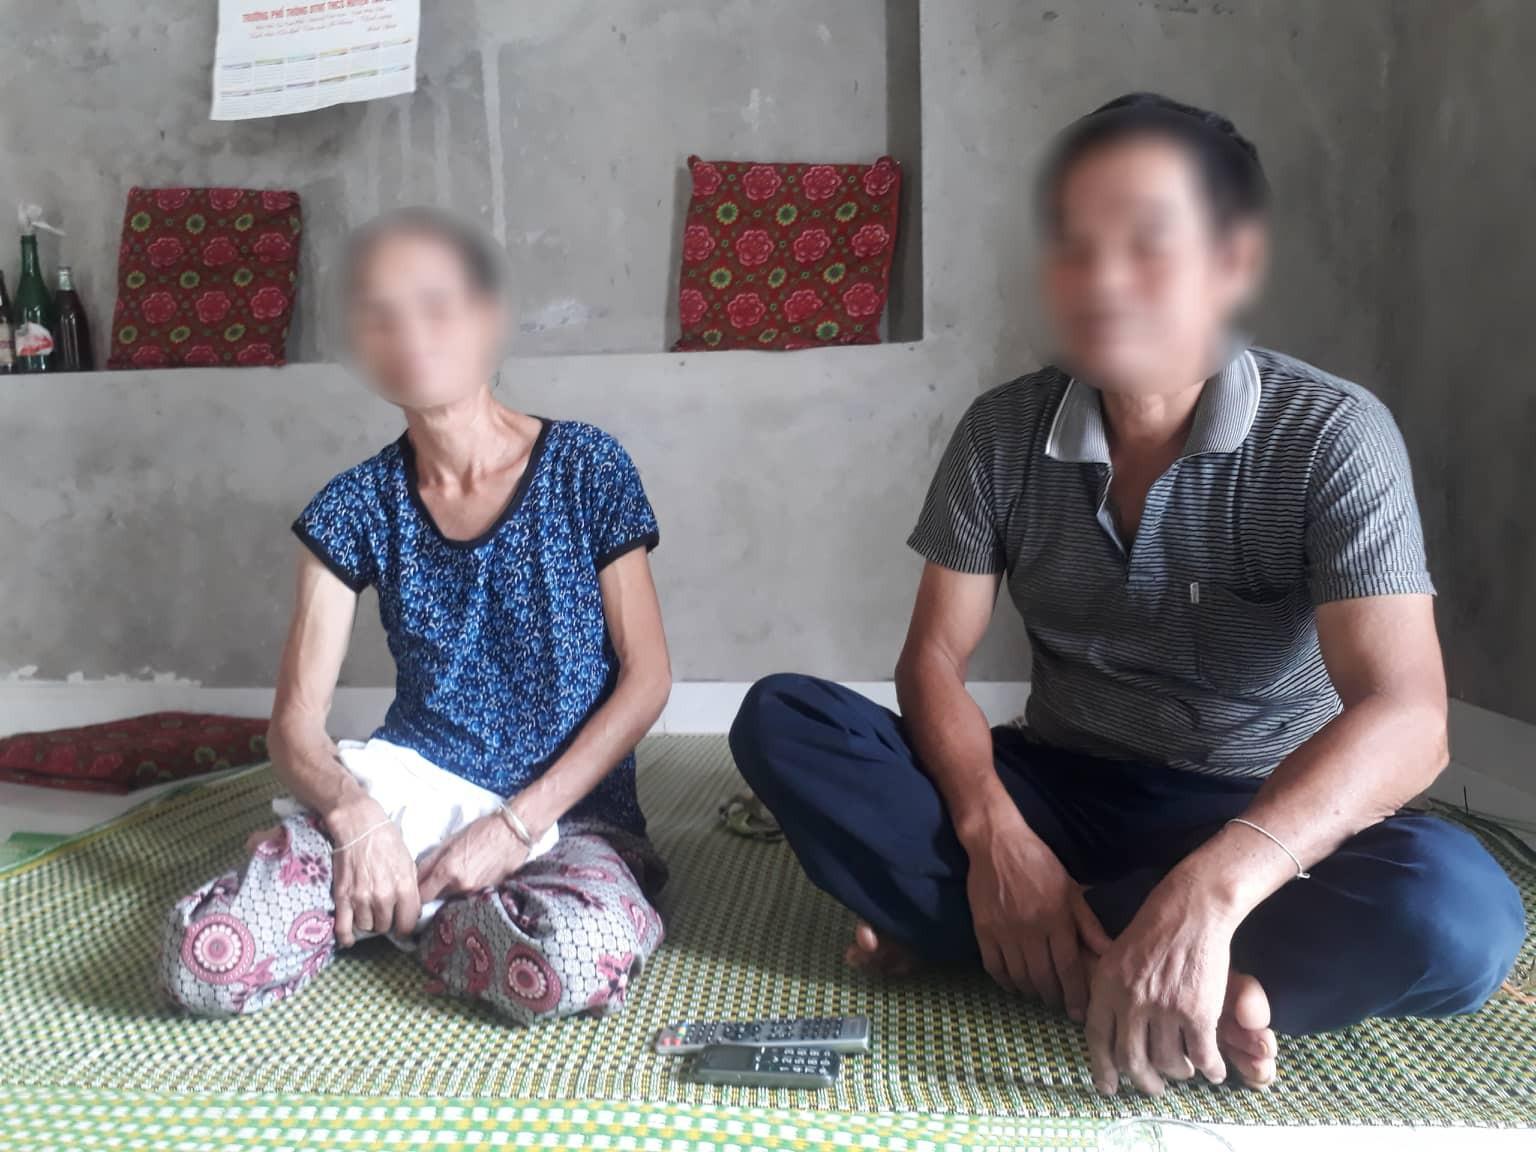 Vụ hàng chục người nhiễm HIV ở Phú Thọ: Bệnh nhân đầu tiên khẳng định bị nhiễm HIV trước khi đến tiêm tại nhà y sỹ T. - Ảnh 3.